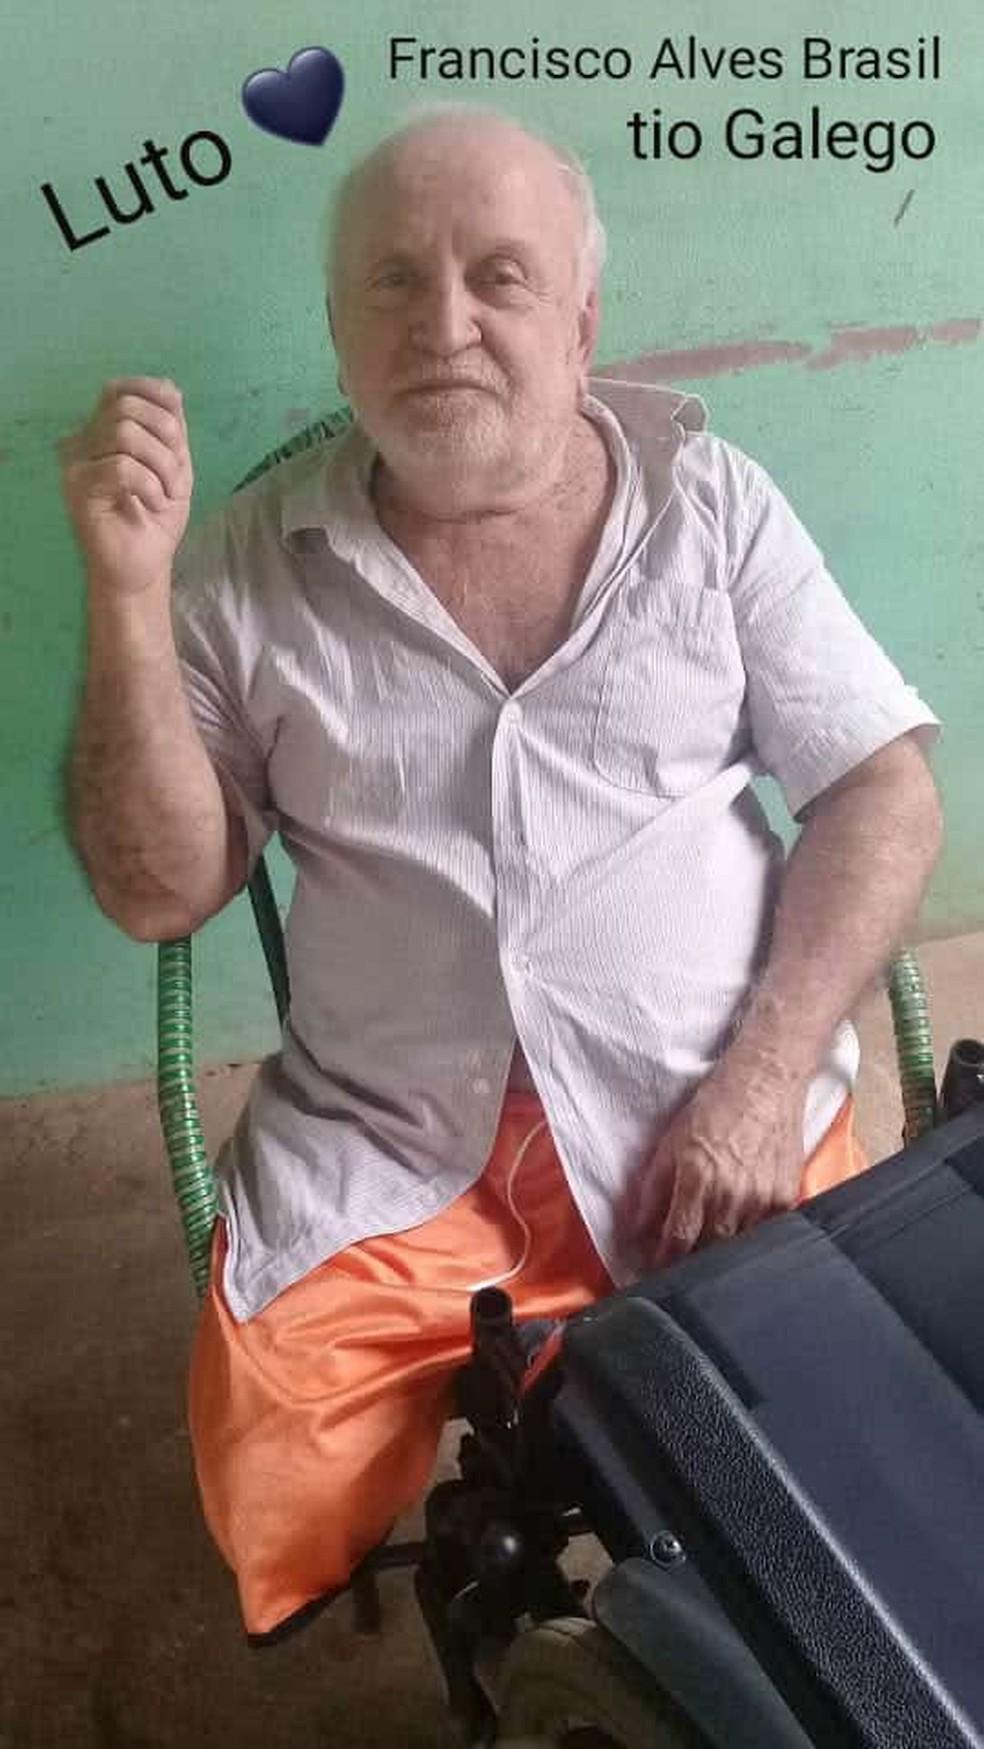 Família de Francisco Alves Brasil está inconformada com a situação que ele enfrentou — Foto: Arquivo Pessoal